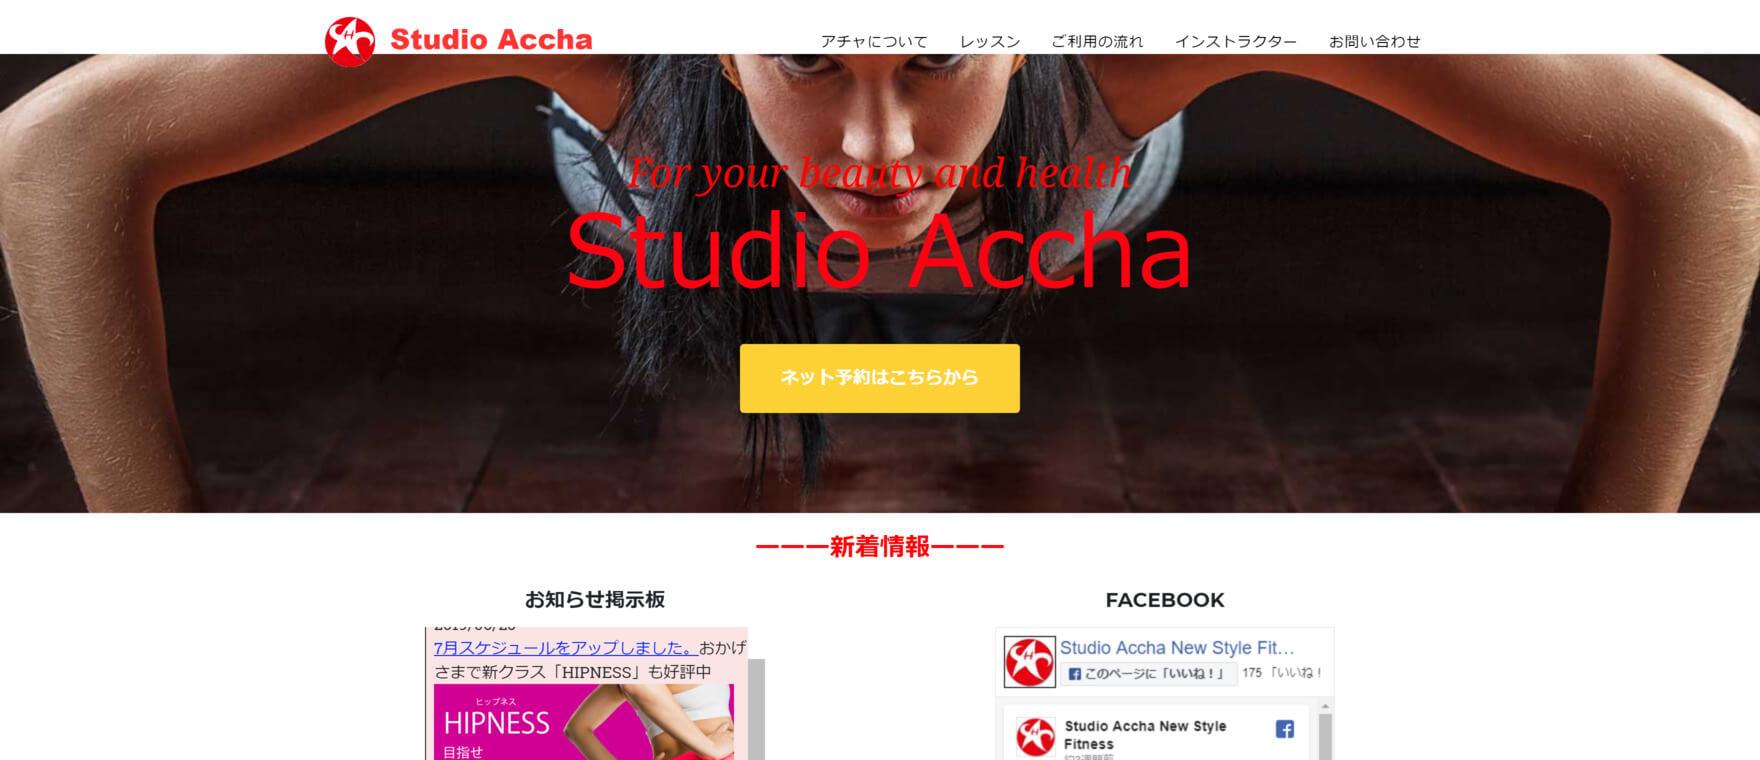 Studio Acchaのイメージ画像